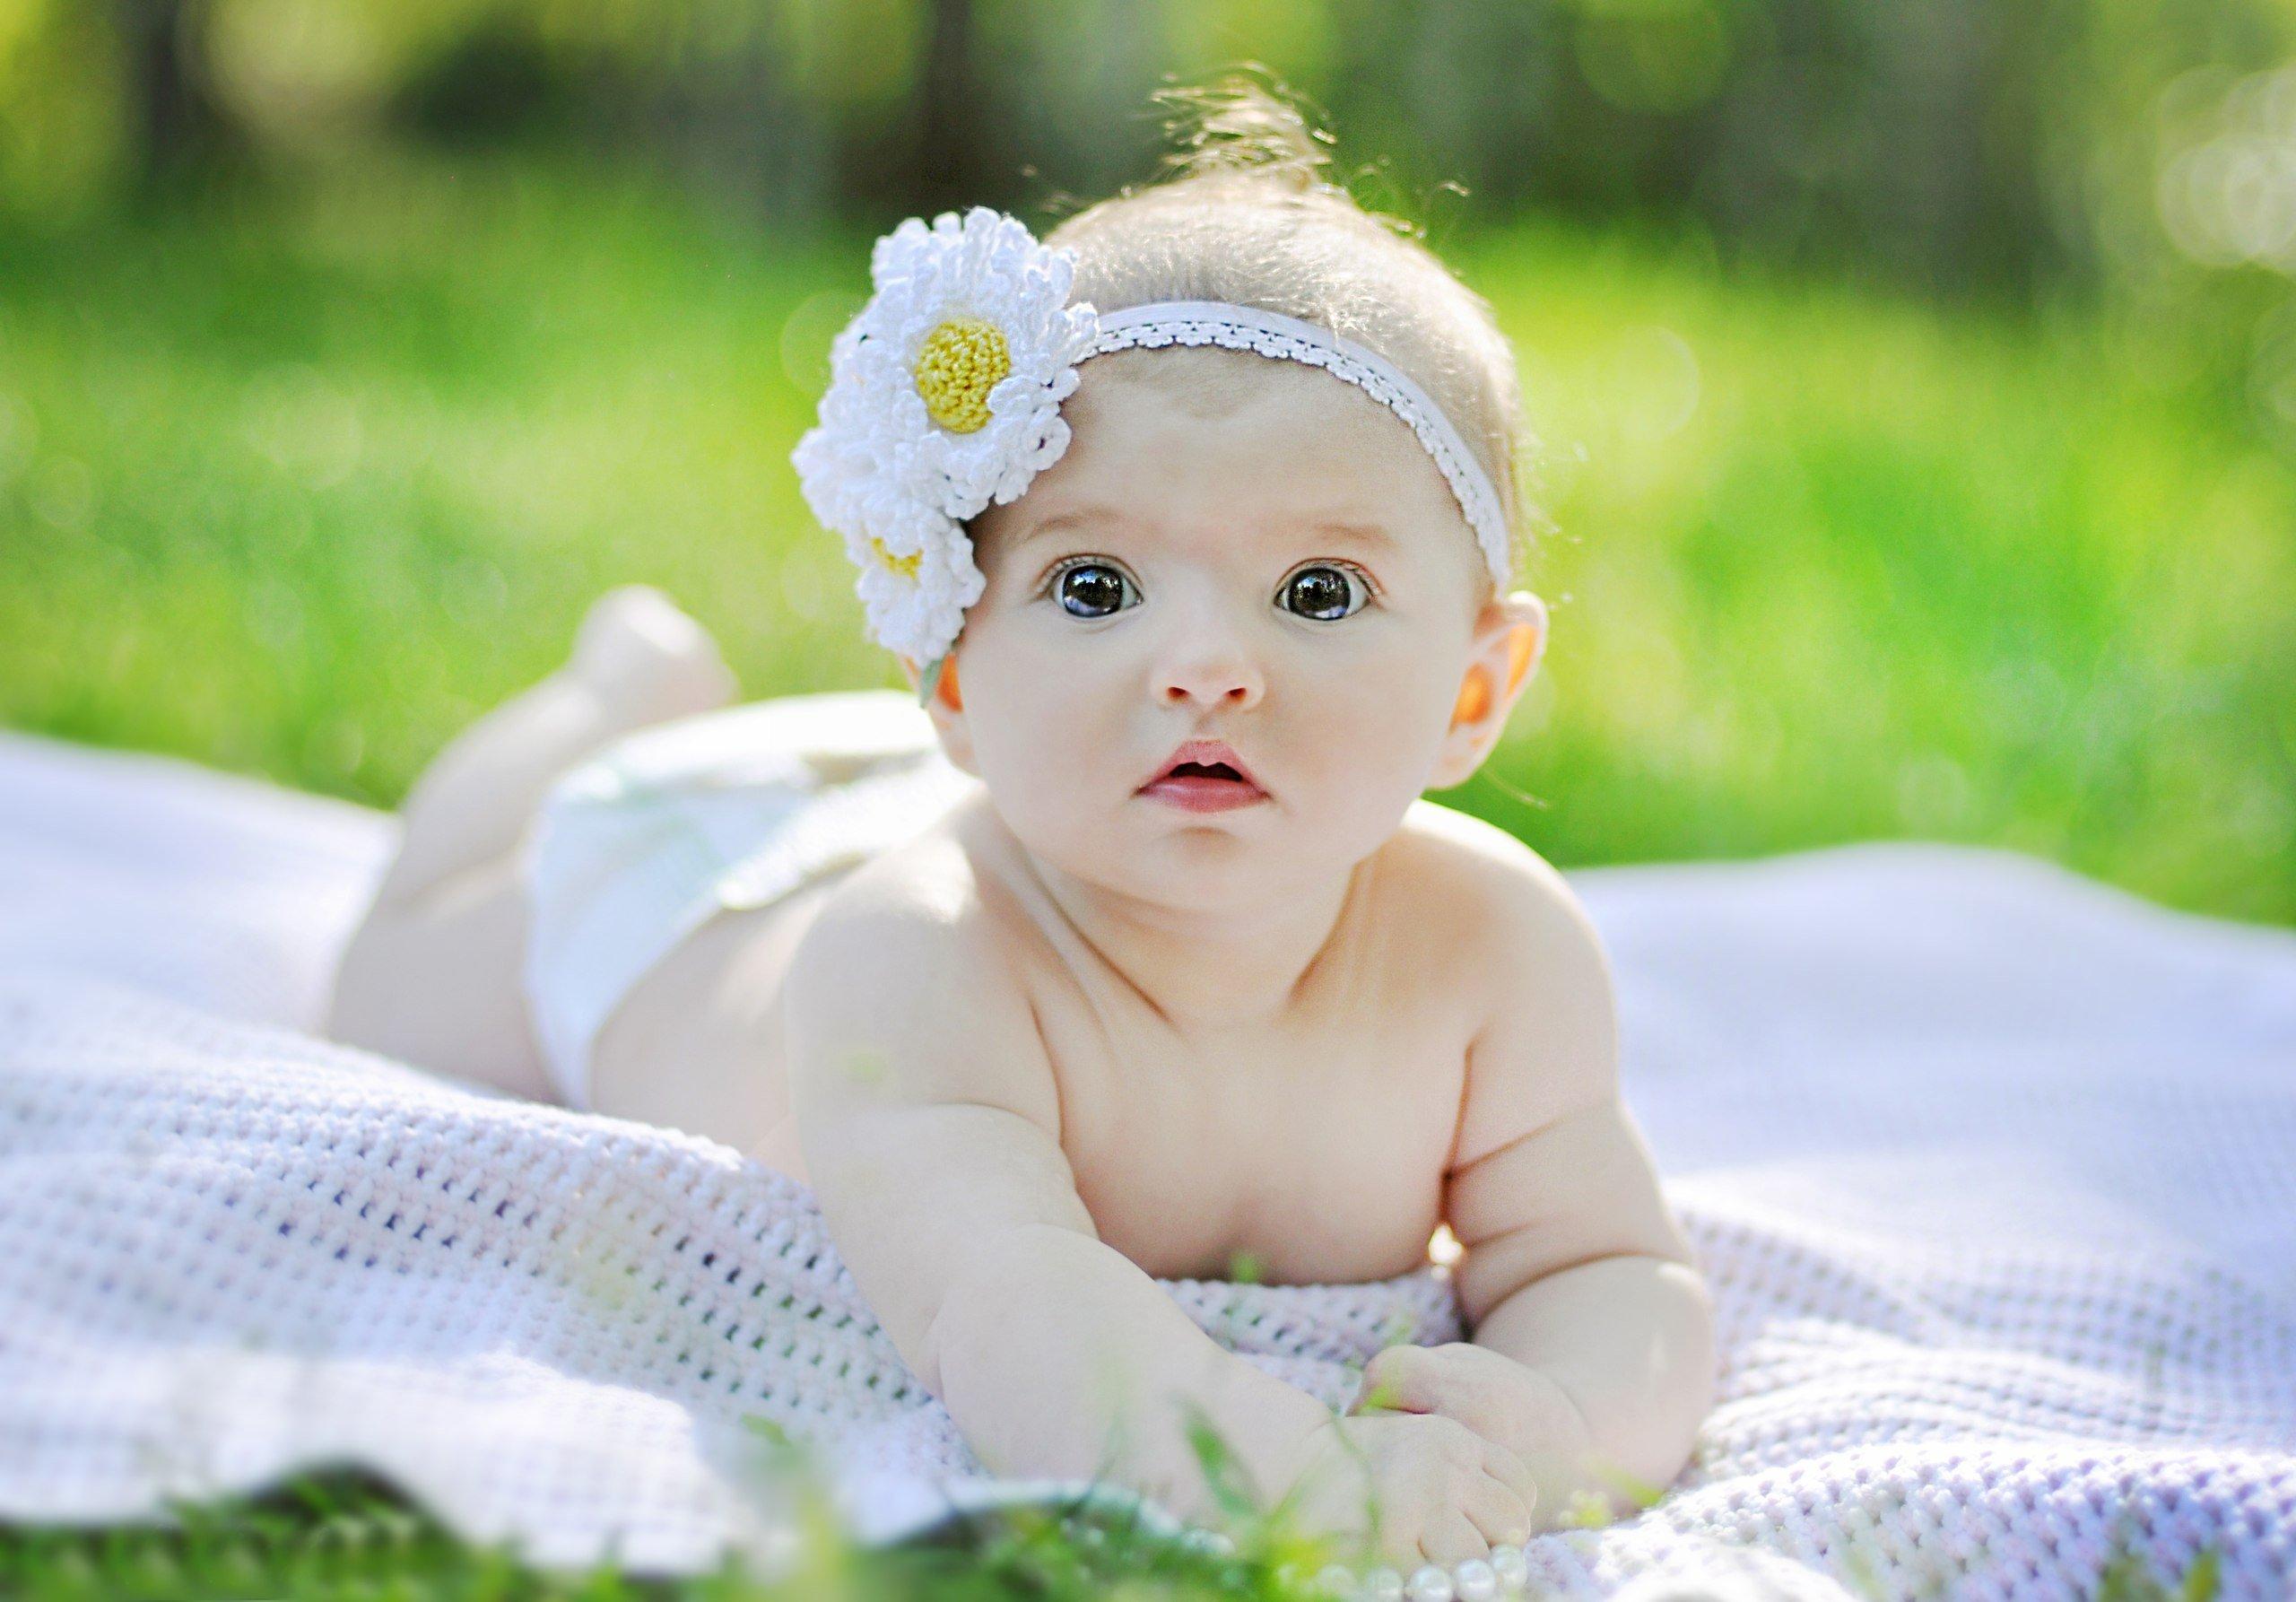 cute Love child Wallpaper : BABY child children cute little babies wallpaper 2560x1786 720692 WallpaperUP